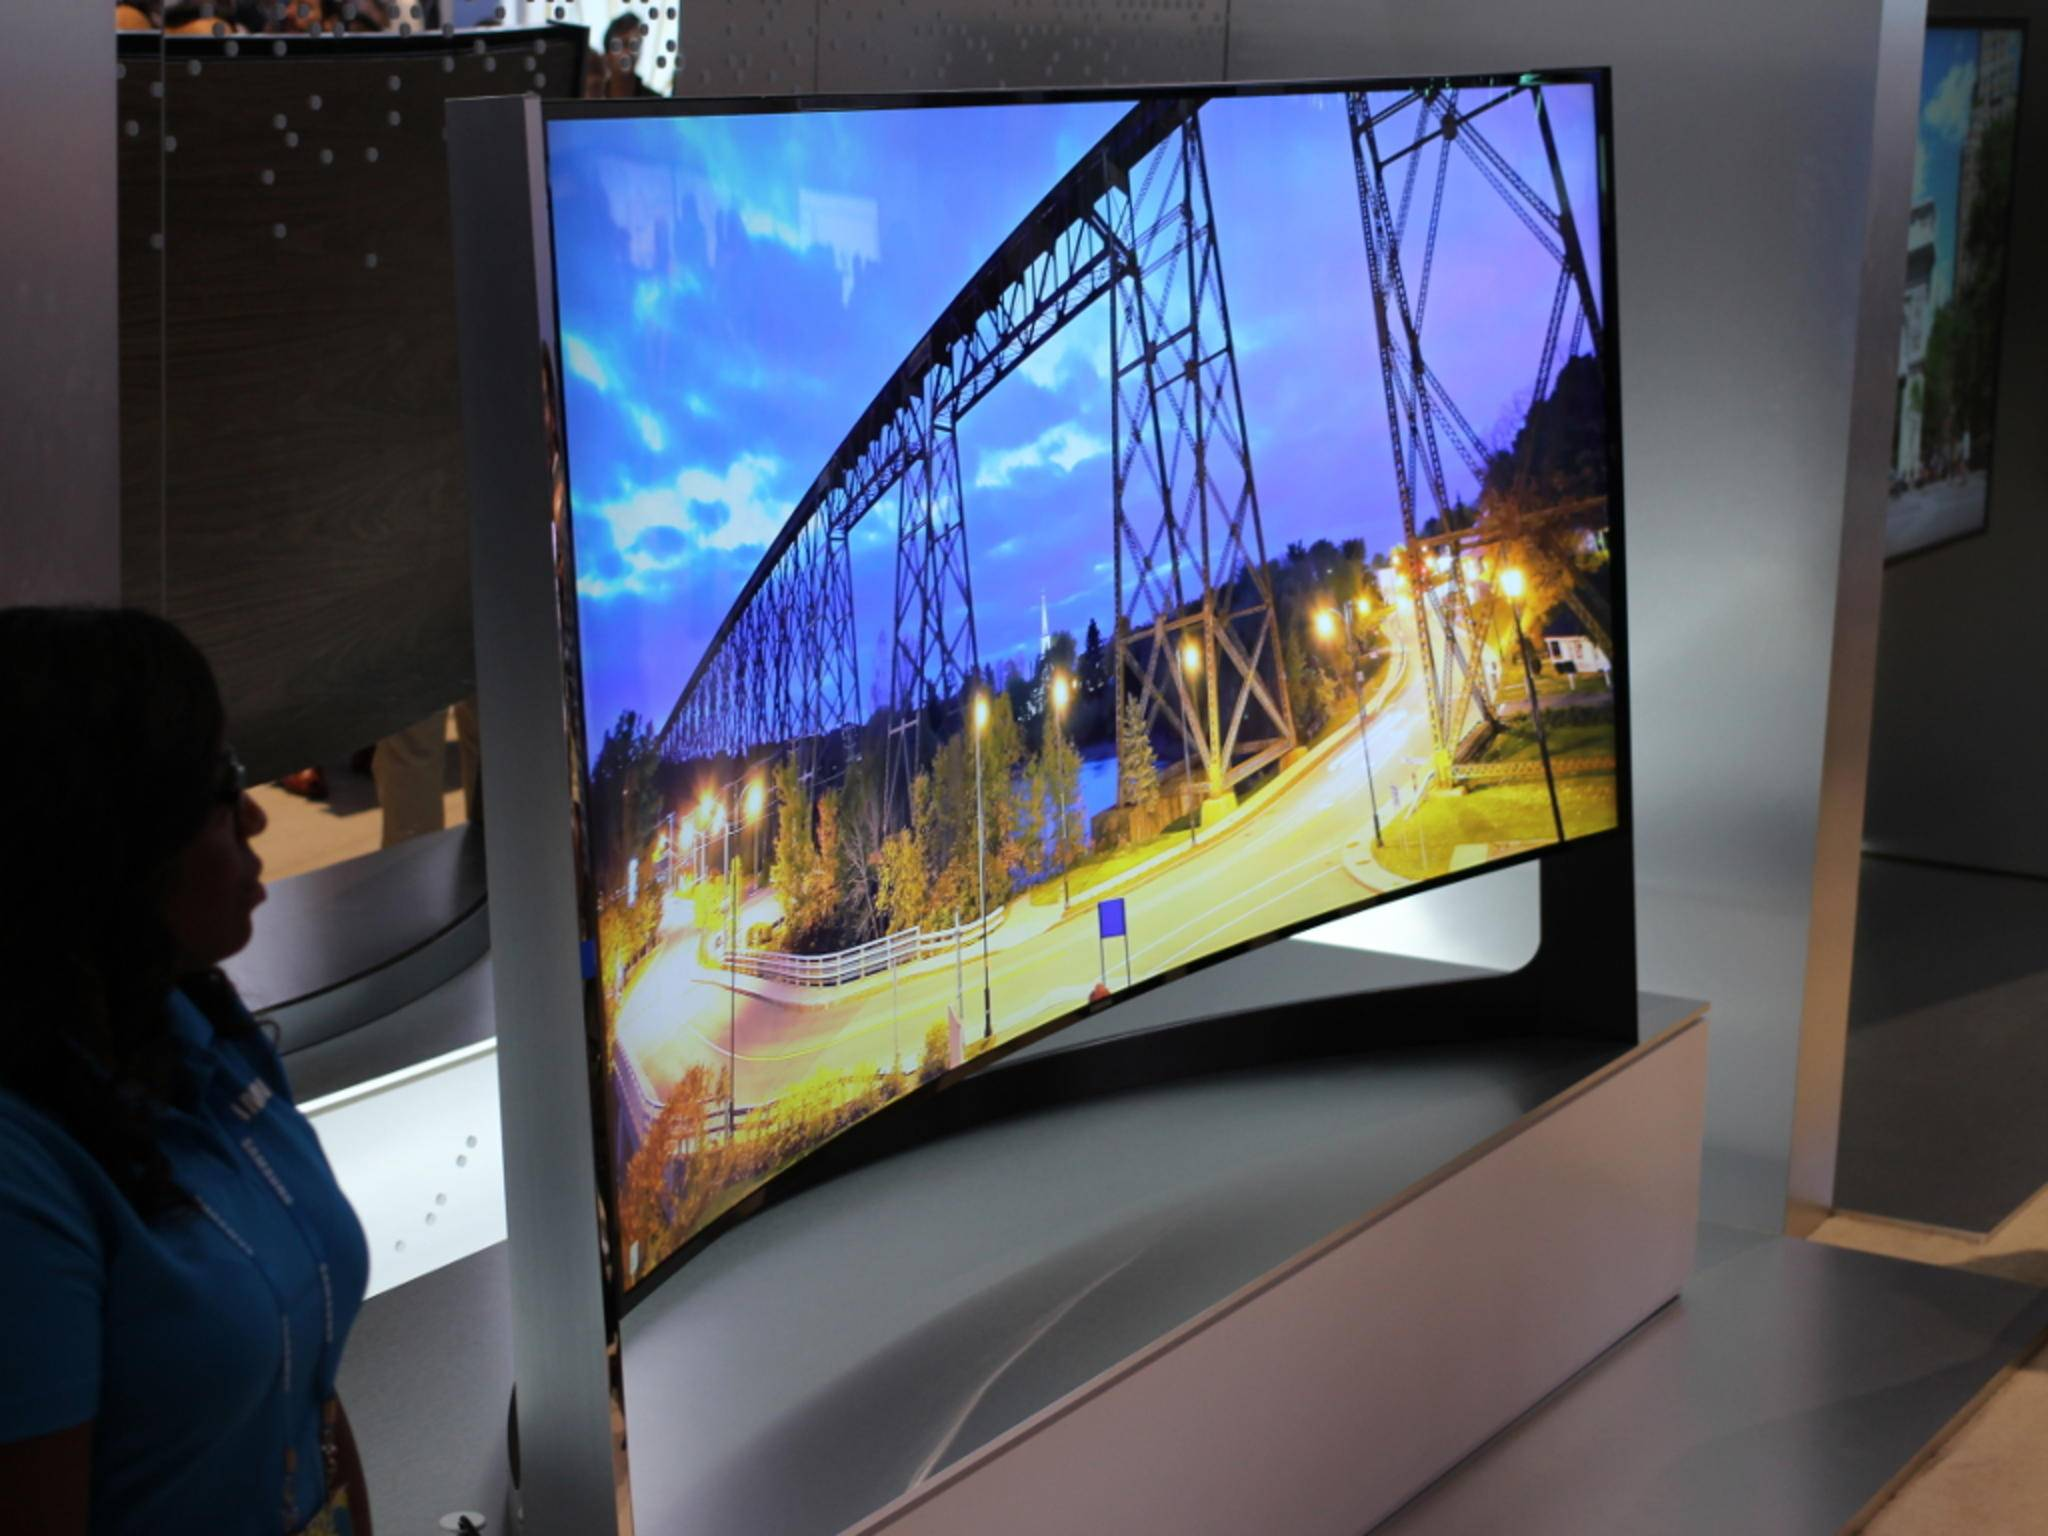 Aktuelle TV-Geräte bieten fast allesamt sehr gute Reaktionszeiten.